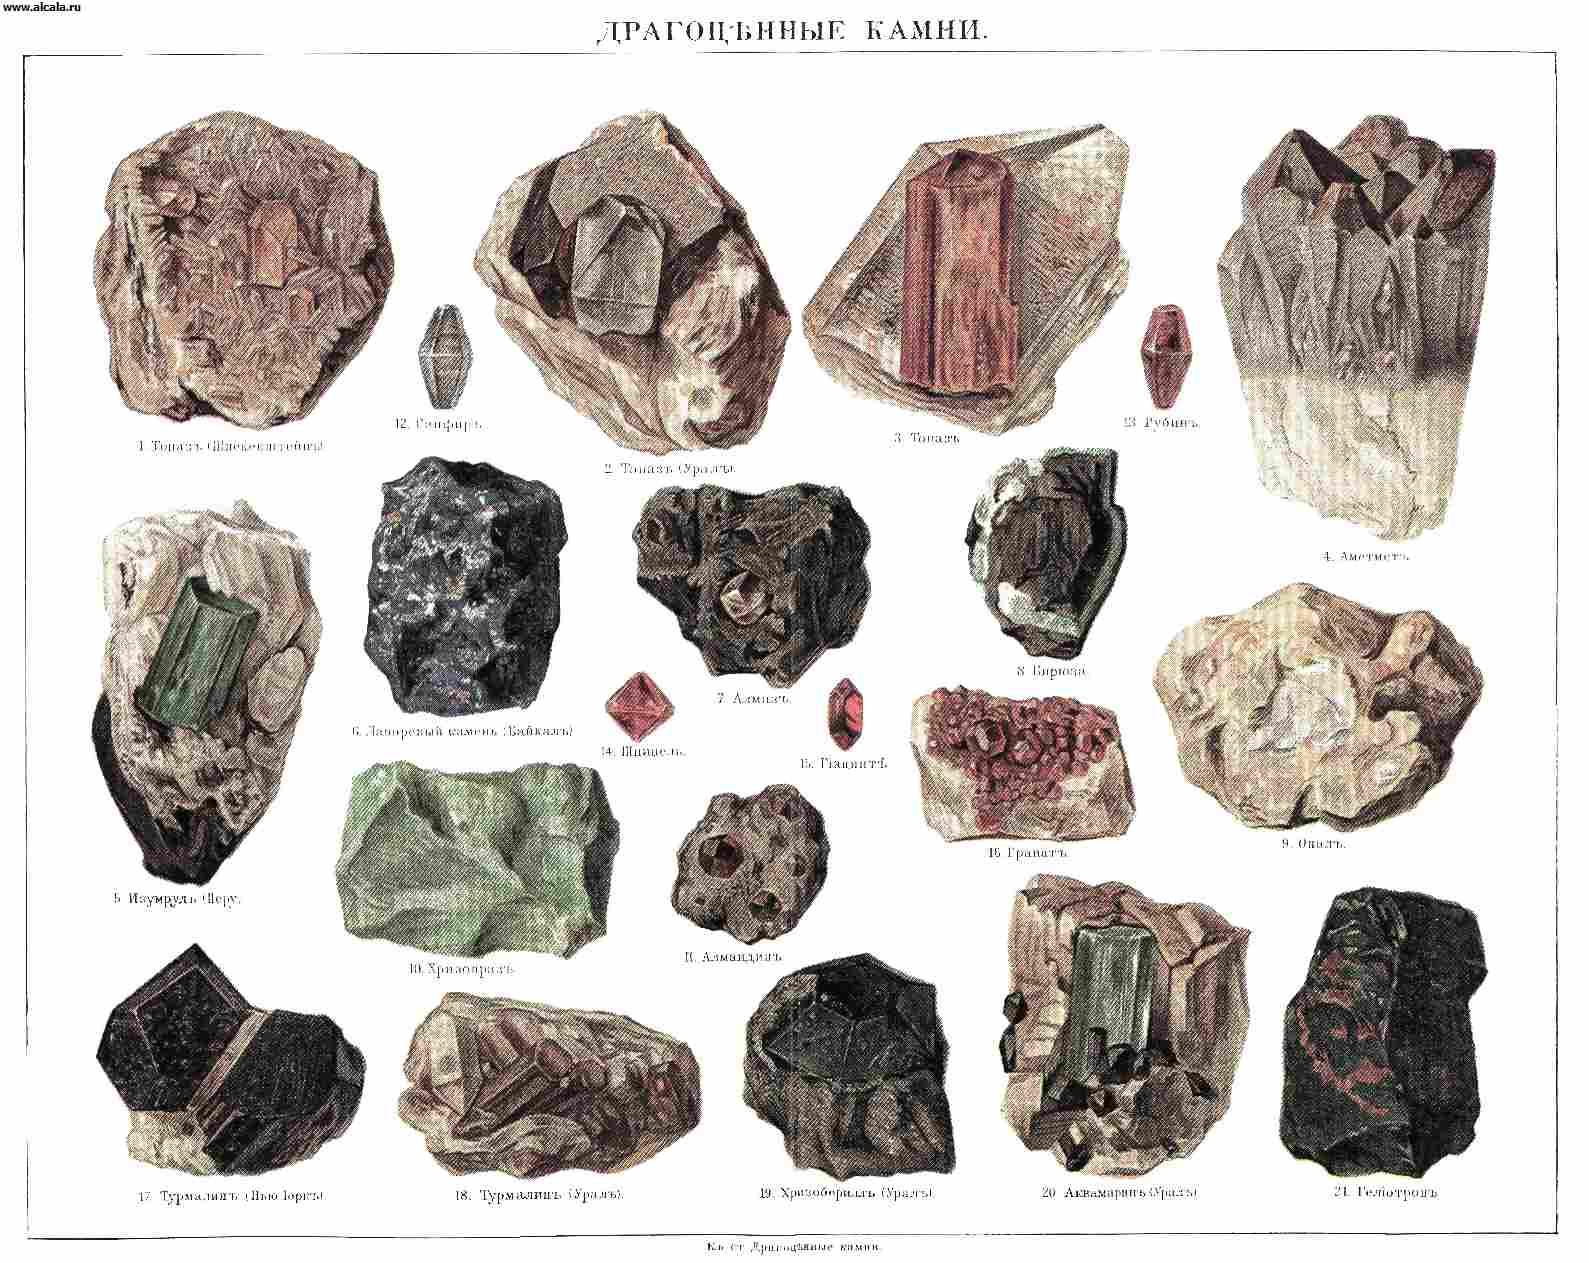 драгоценные камни урала фото и название